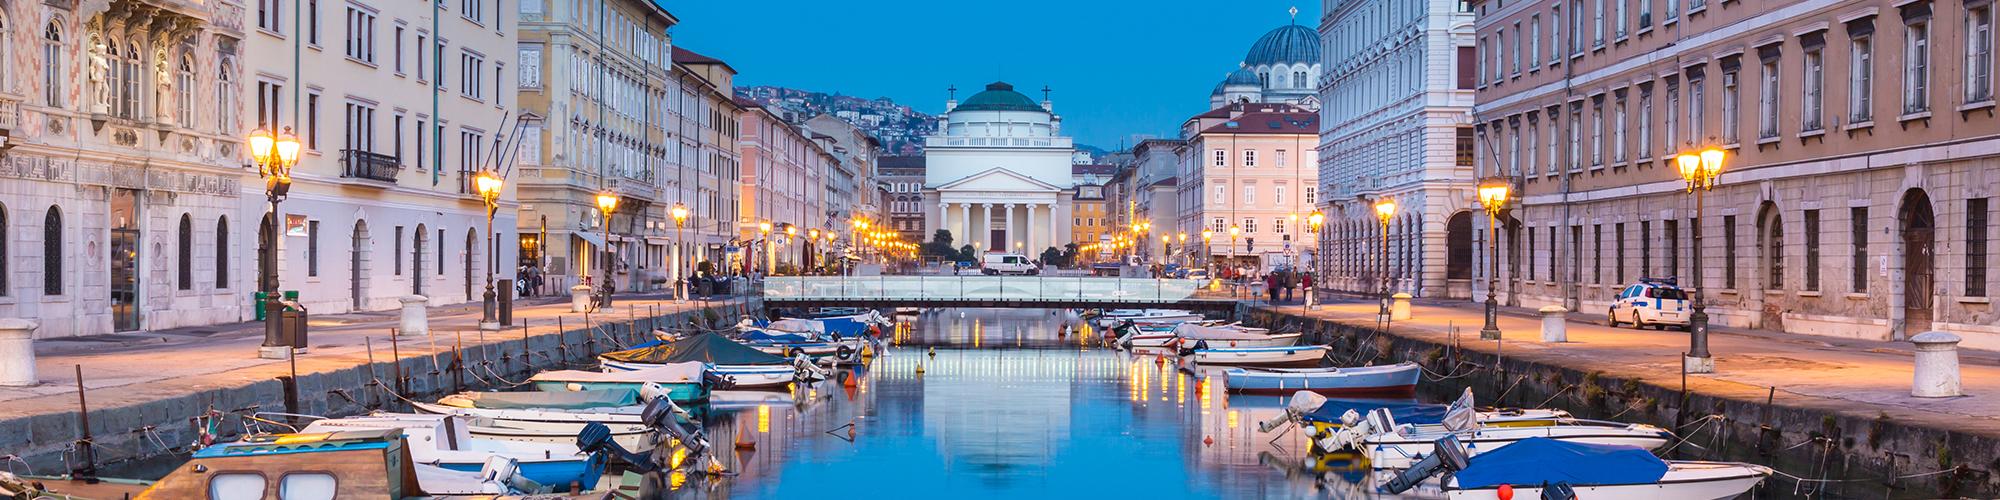 Un viaje a Venecia y su imperio marinero - El Pais Viajes